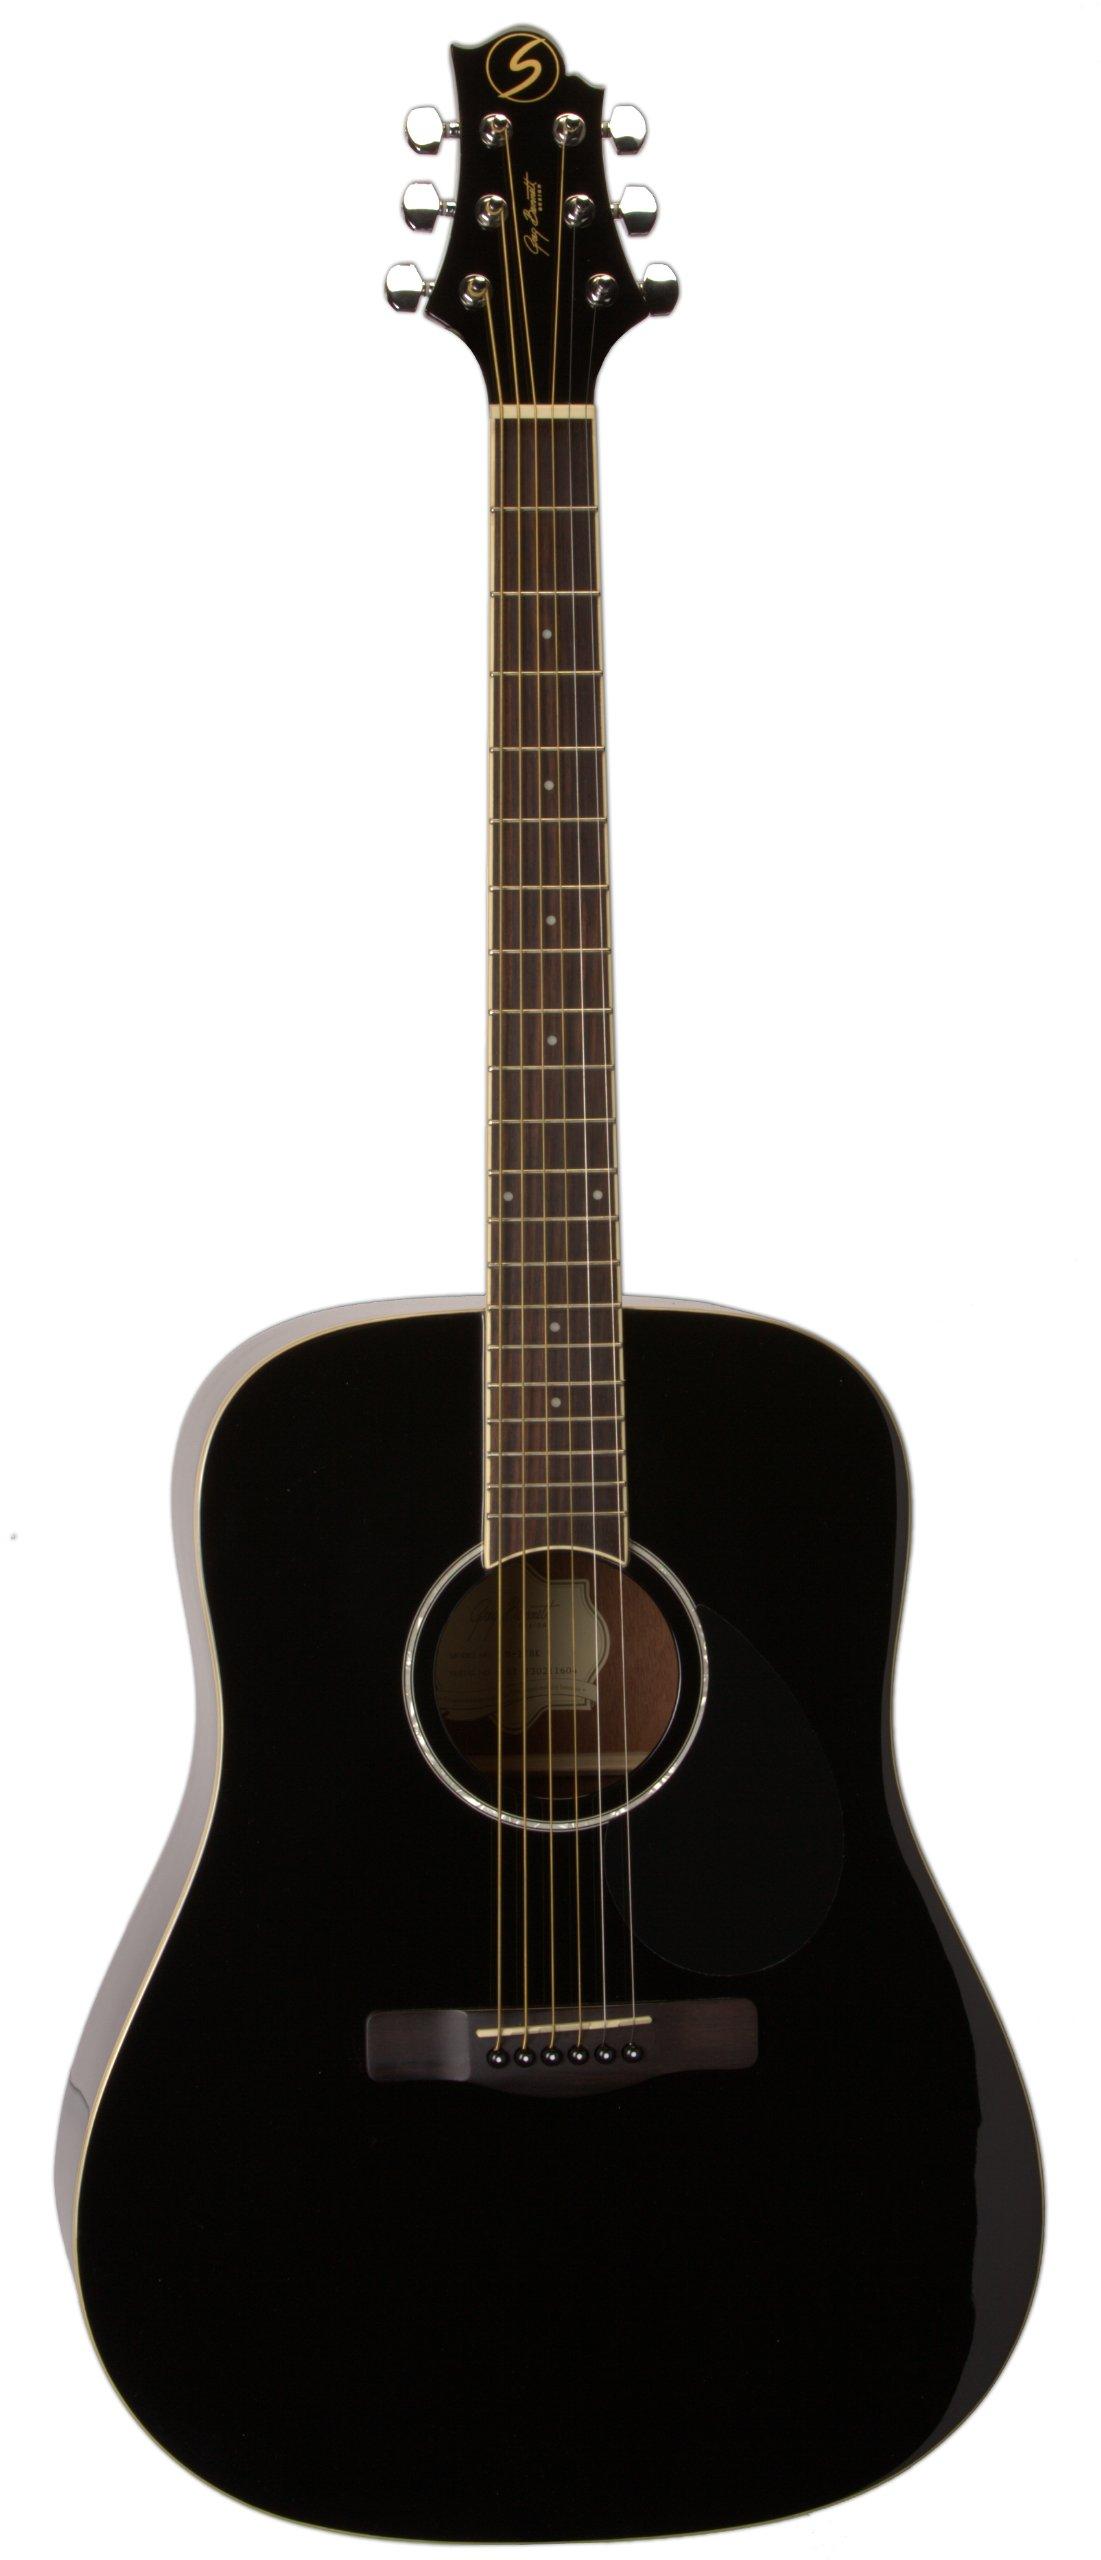 Greg Bennett Design Regency D2 Blk Dreadnought Acoustic Guitar, Black